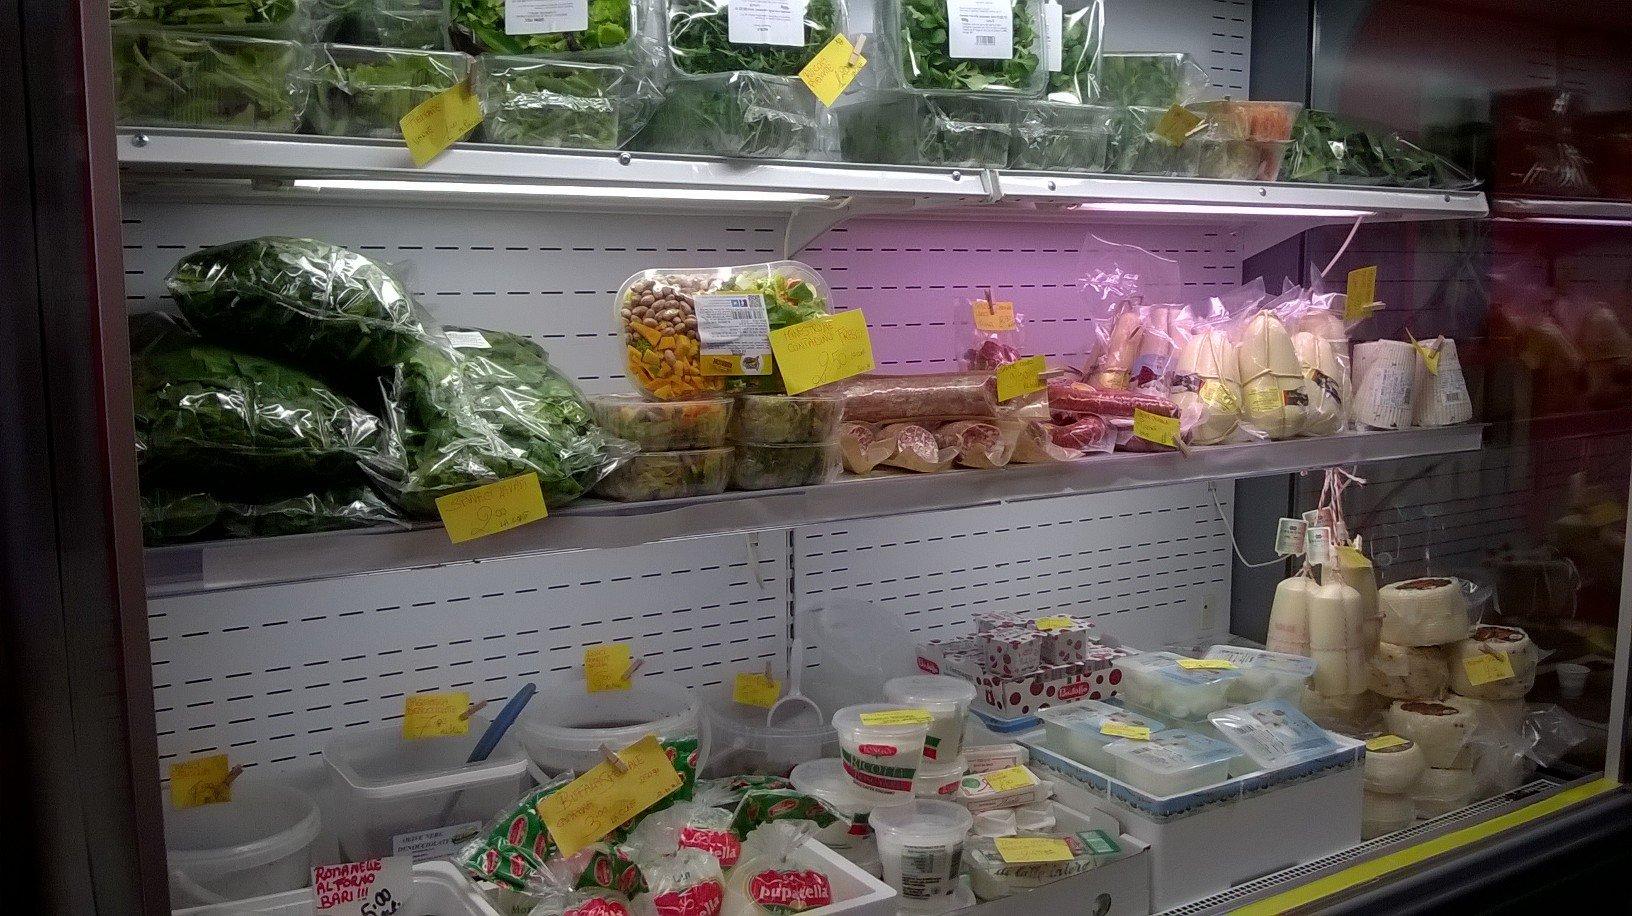 Latticini e verdure nel banco frigo